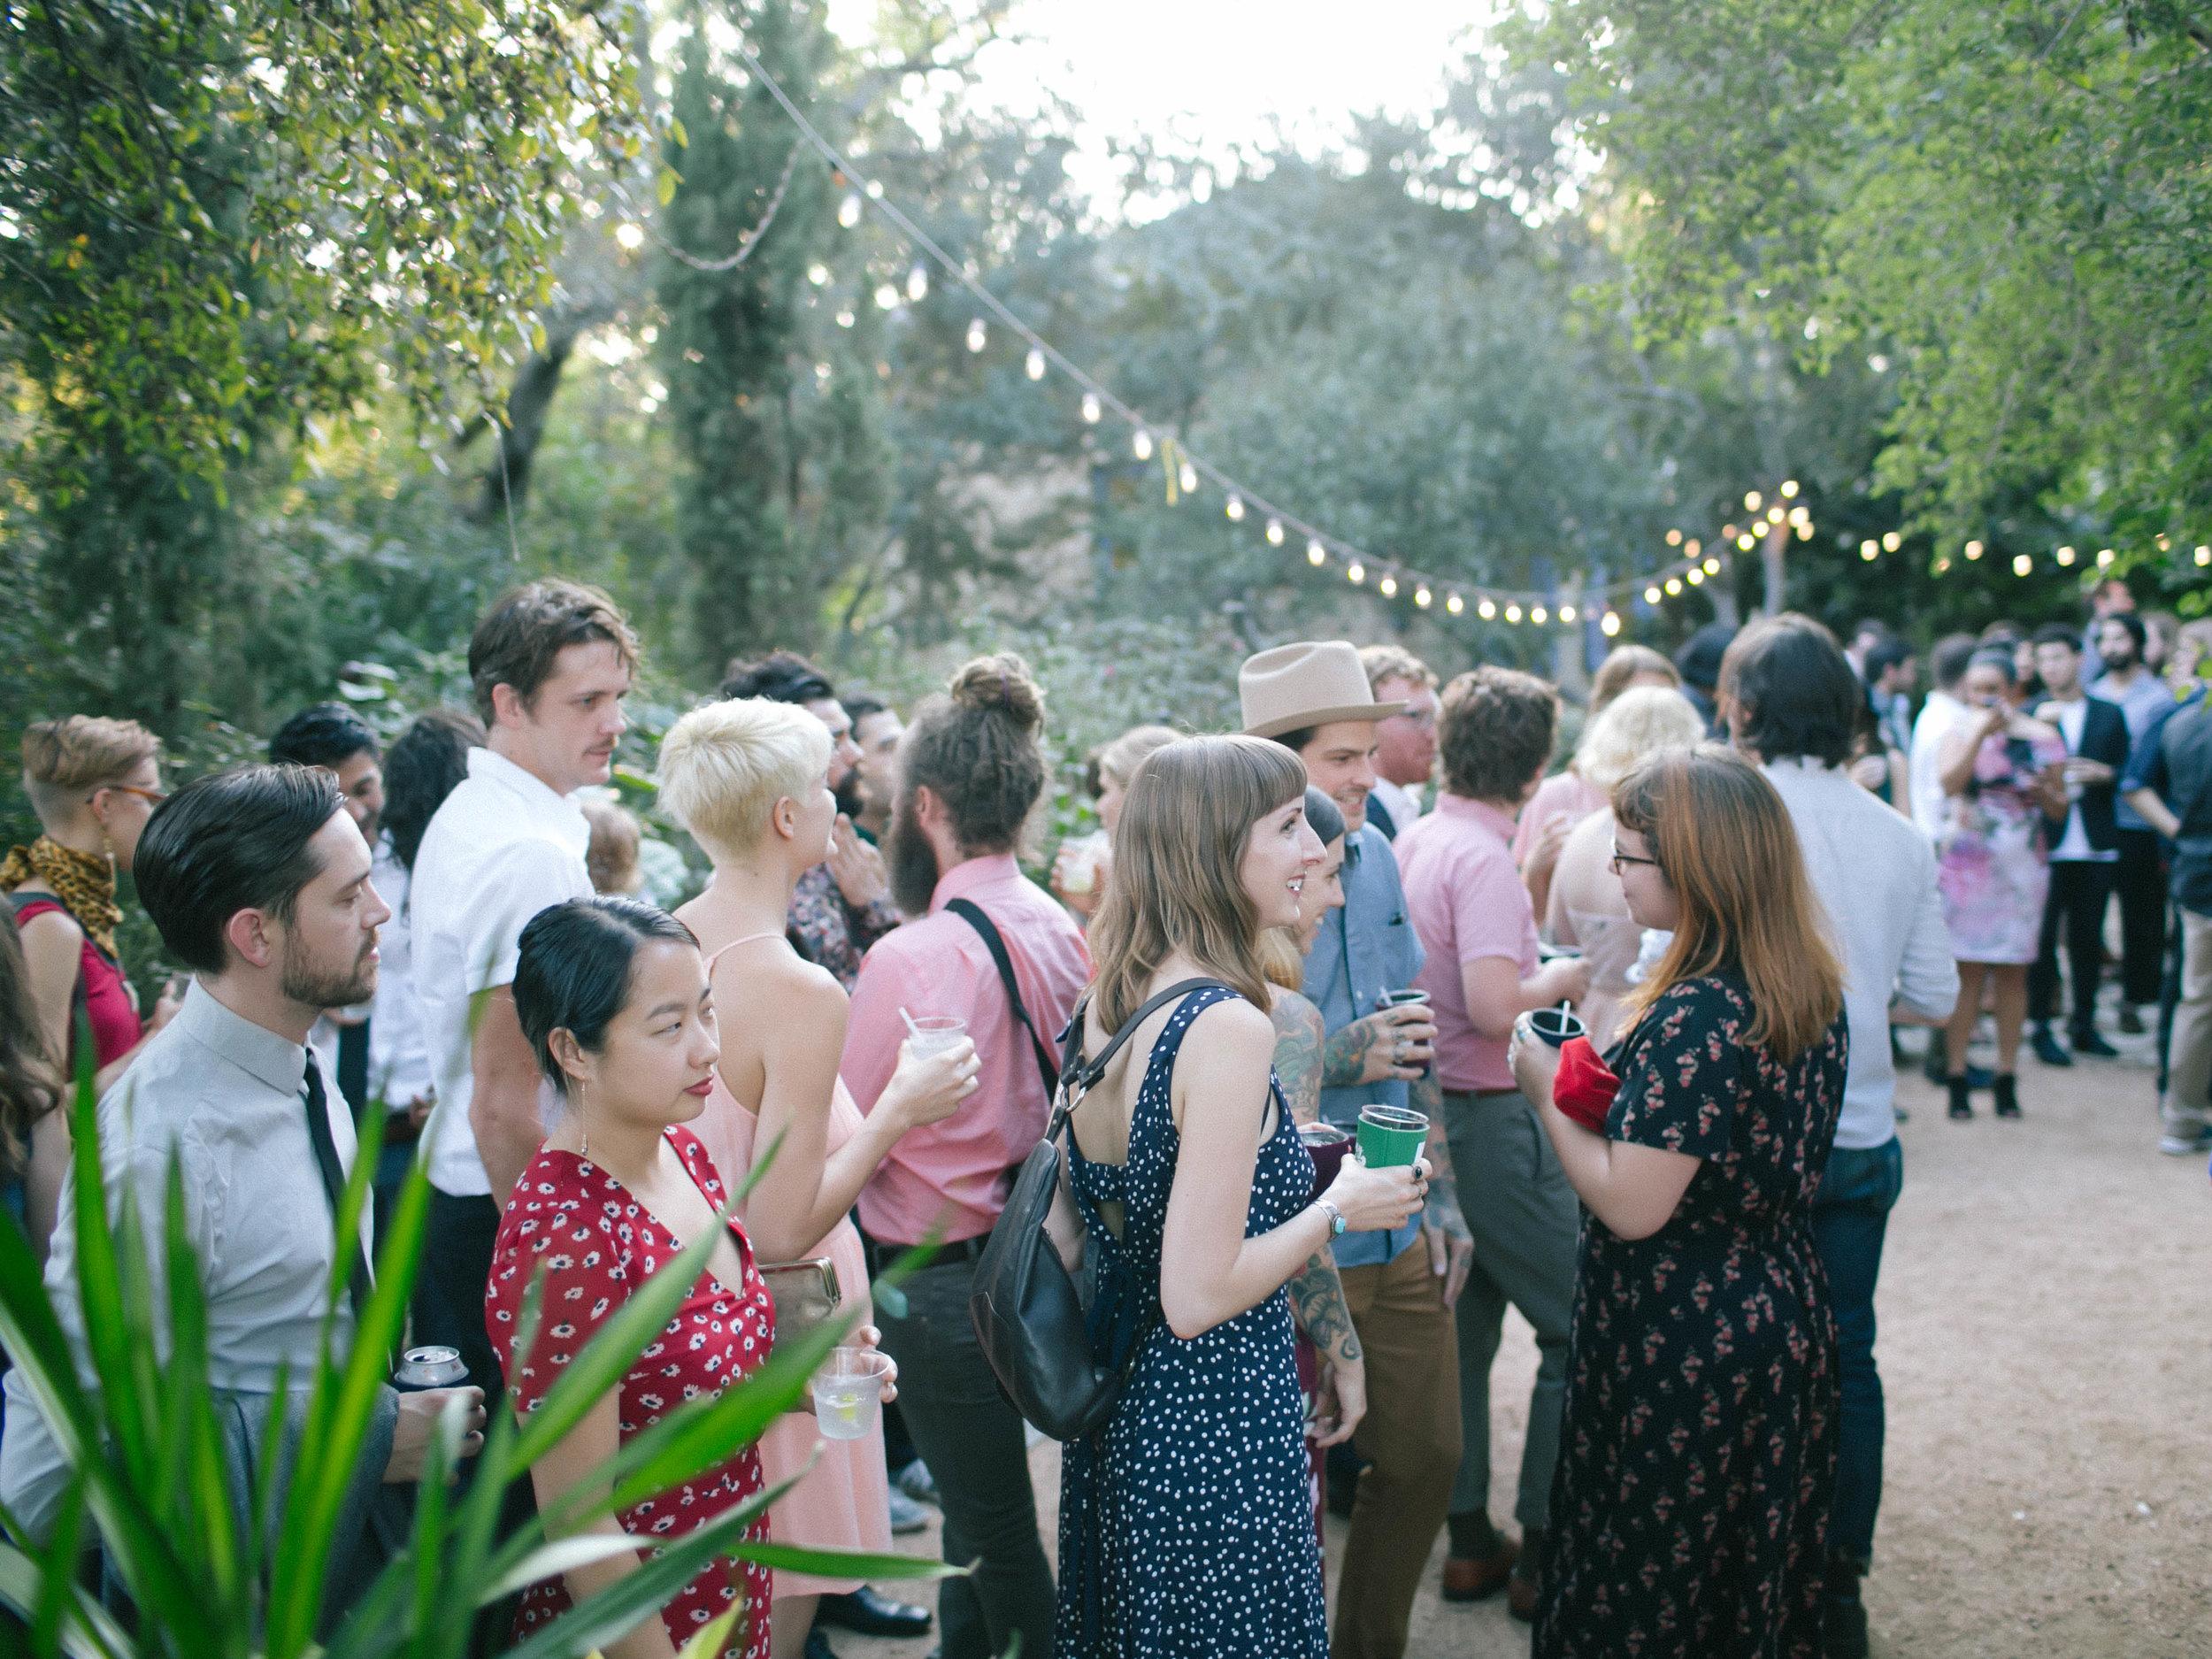 Alex-Kyrany-Wedding-Jennifers-Gardens-264.jpg